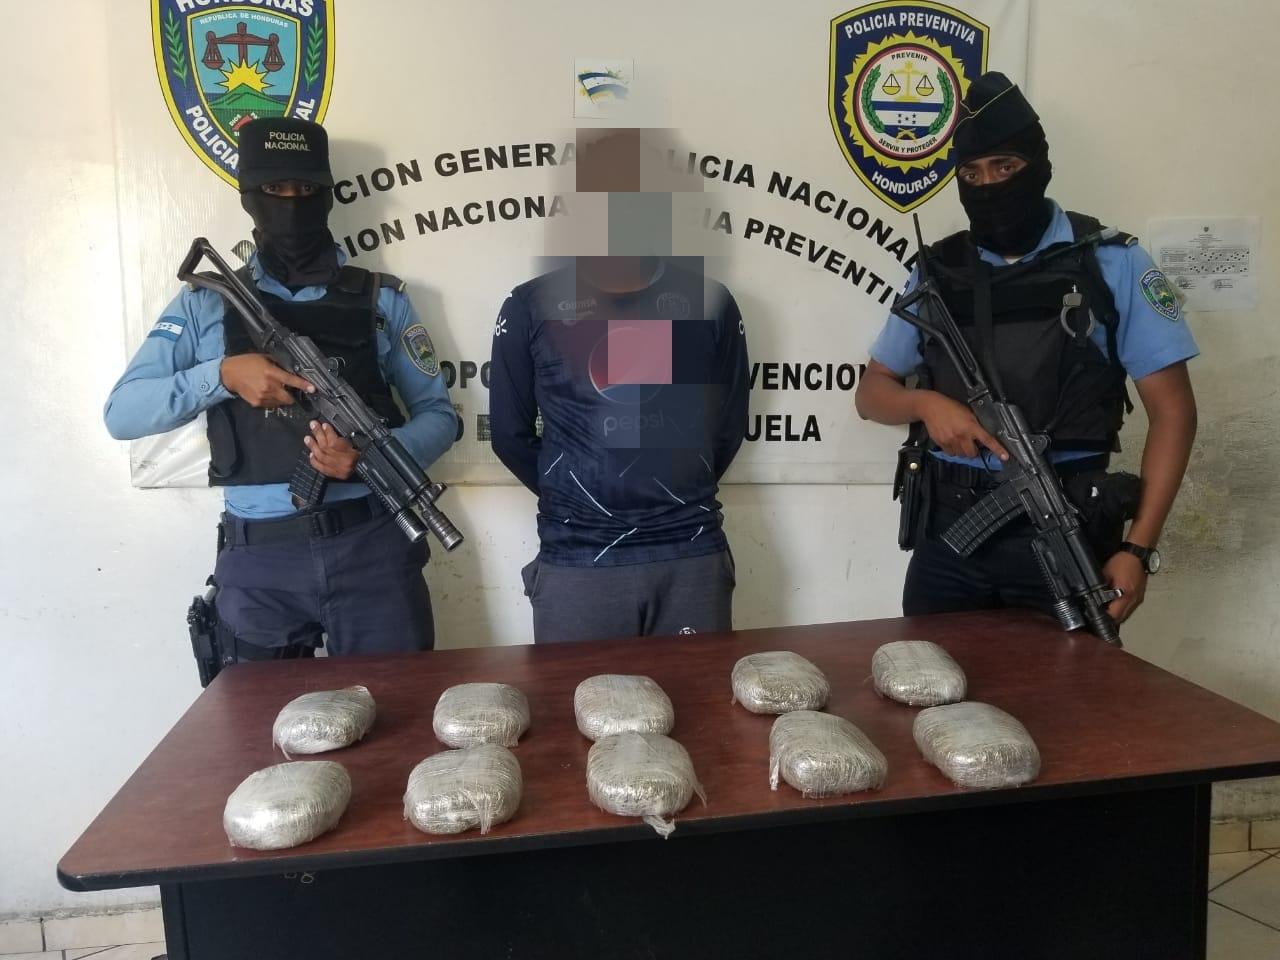 Capturan a una persona en aldea El Lolo en posesión de unos diez paquetes de supuesta marihuana